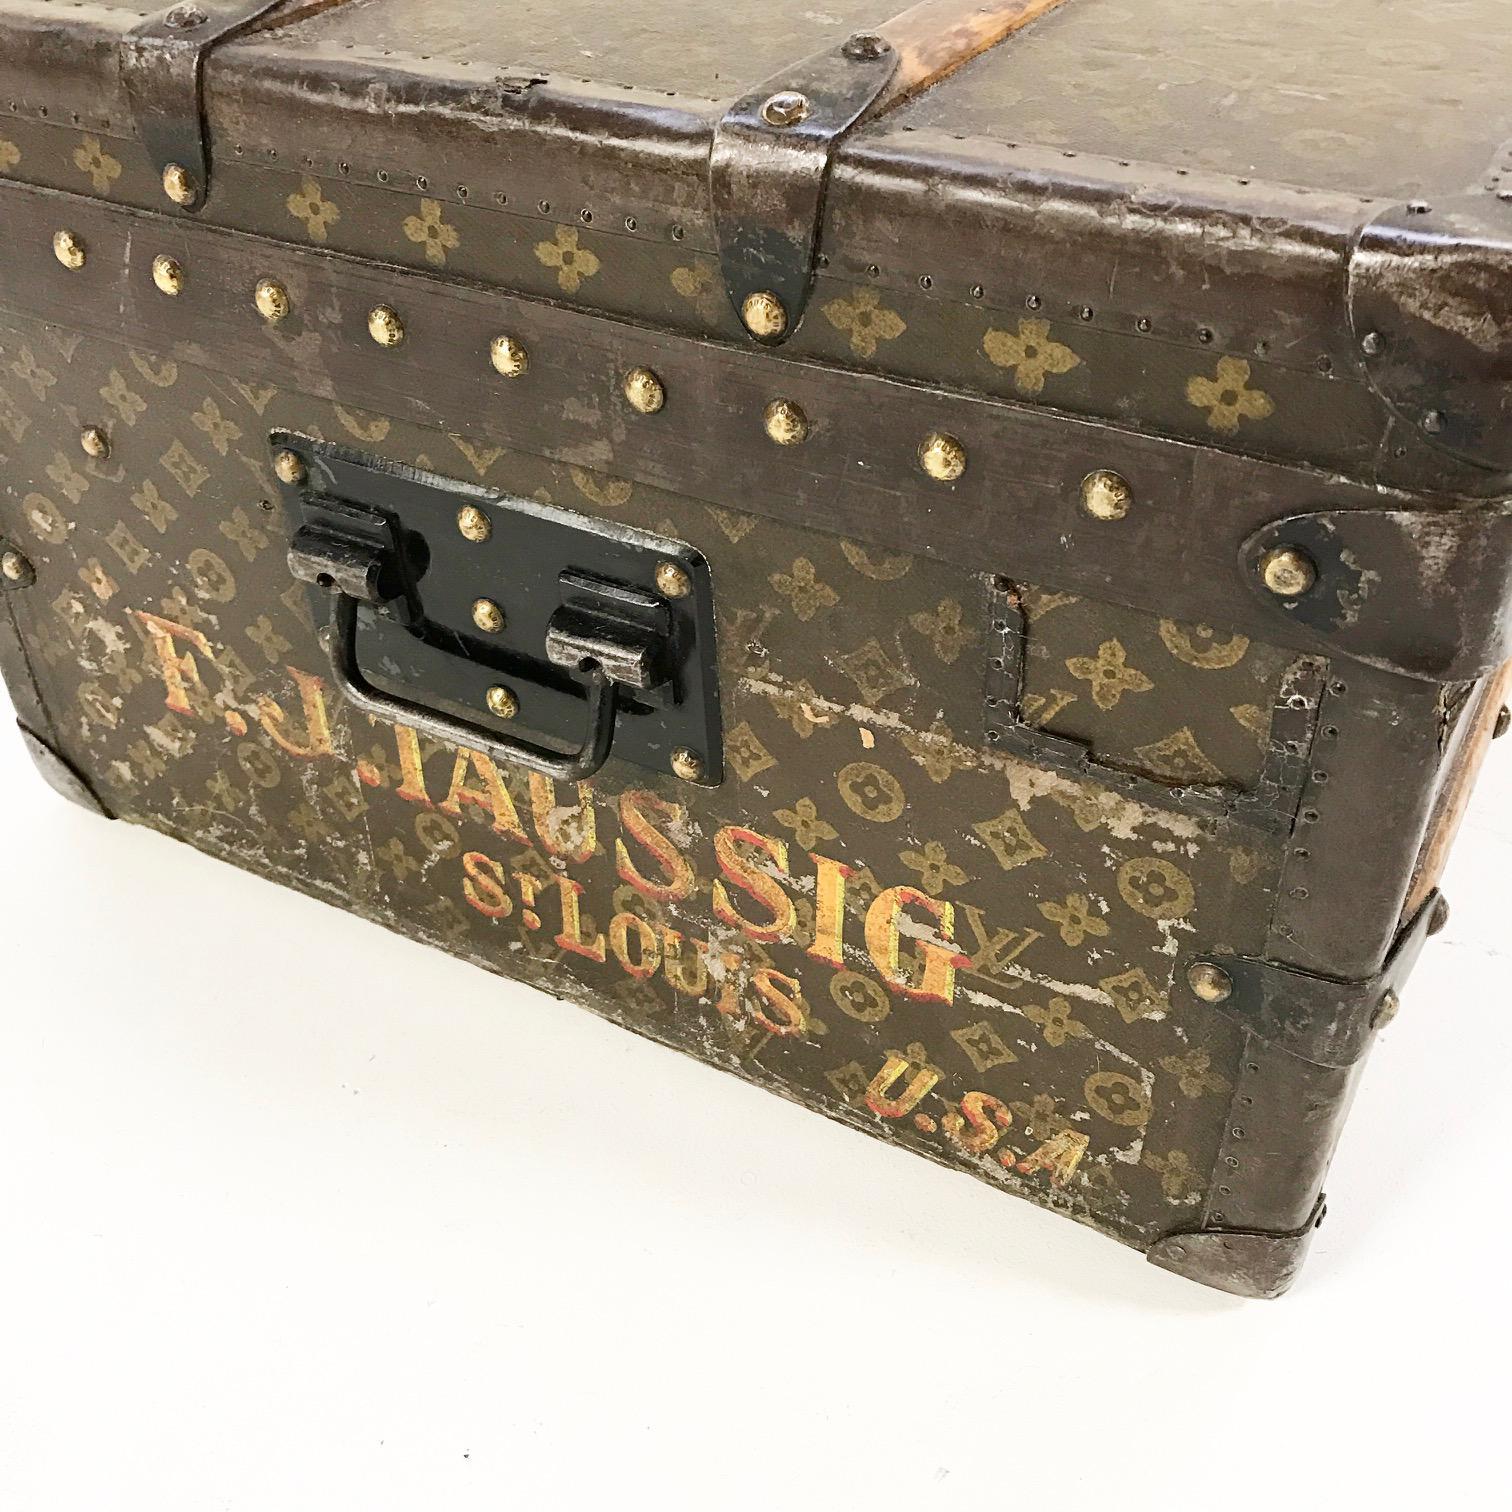 vintage louis vuitton trunk. vintage louis vuitton trunk - image 4 of 10